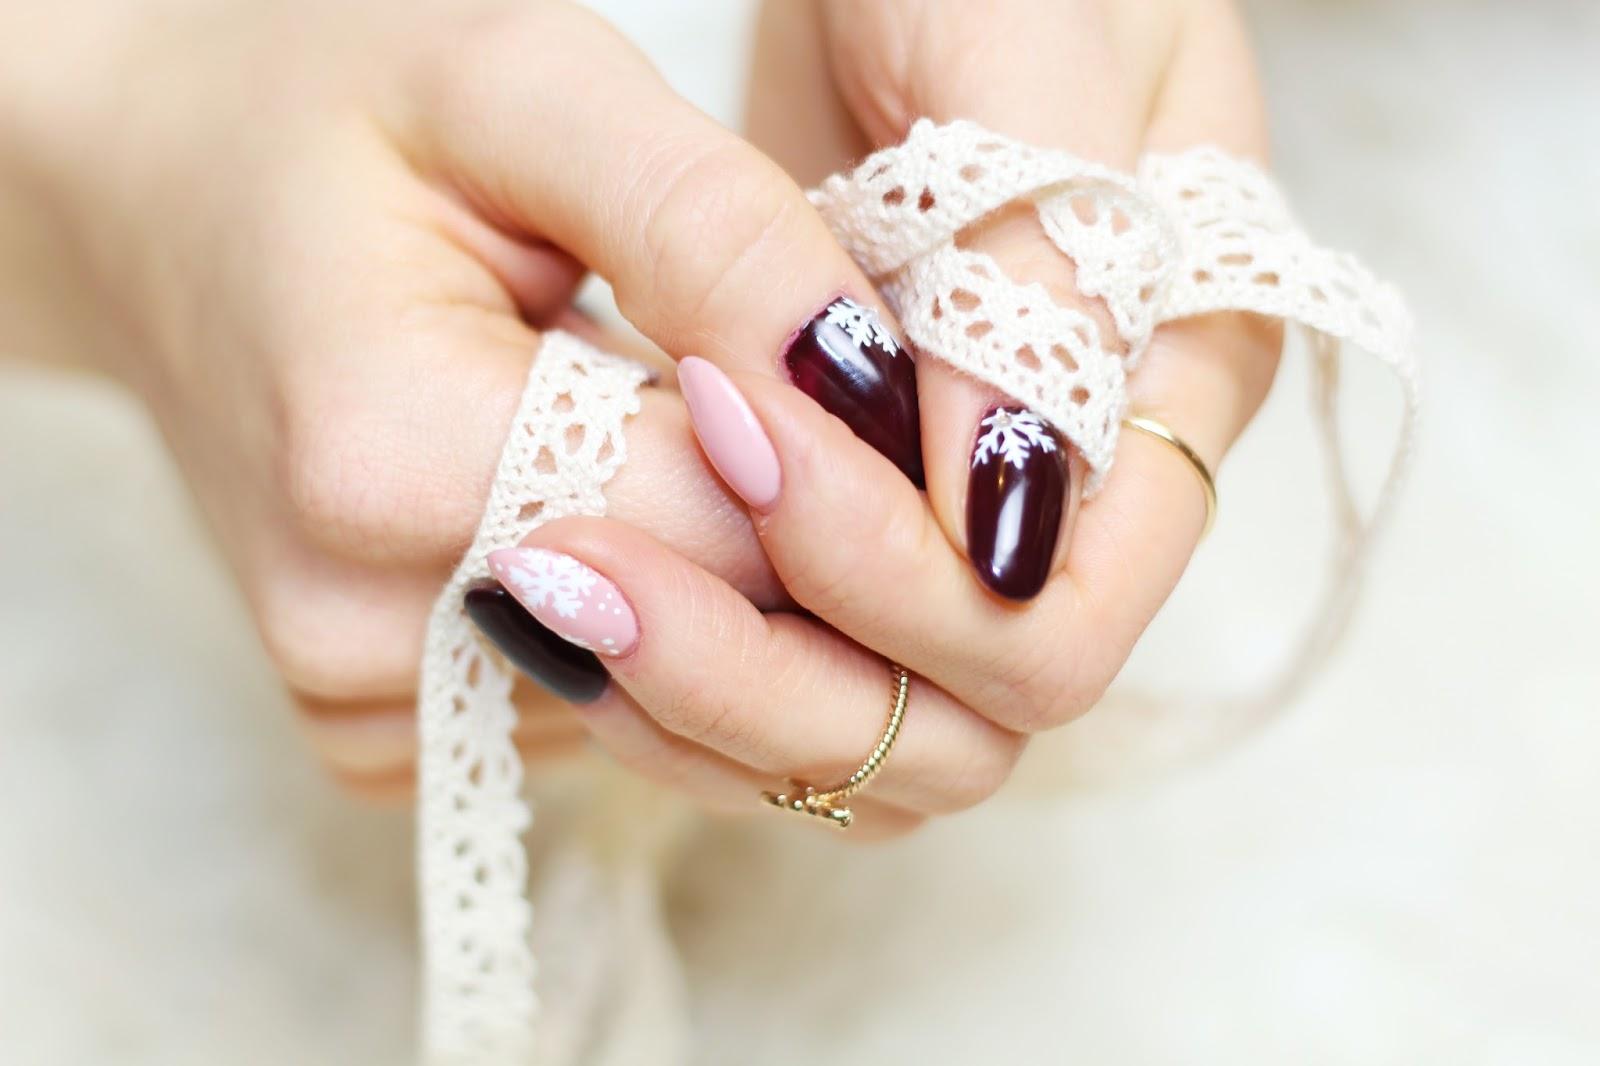 Manicure Time świąteczny Manicure W Kolorach Nude I Bordo Minimalna